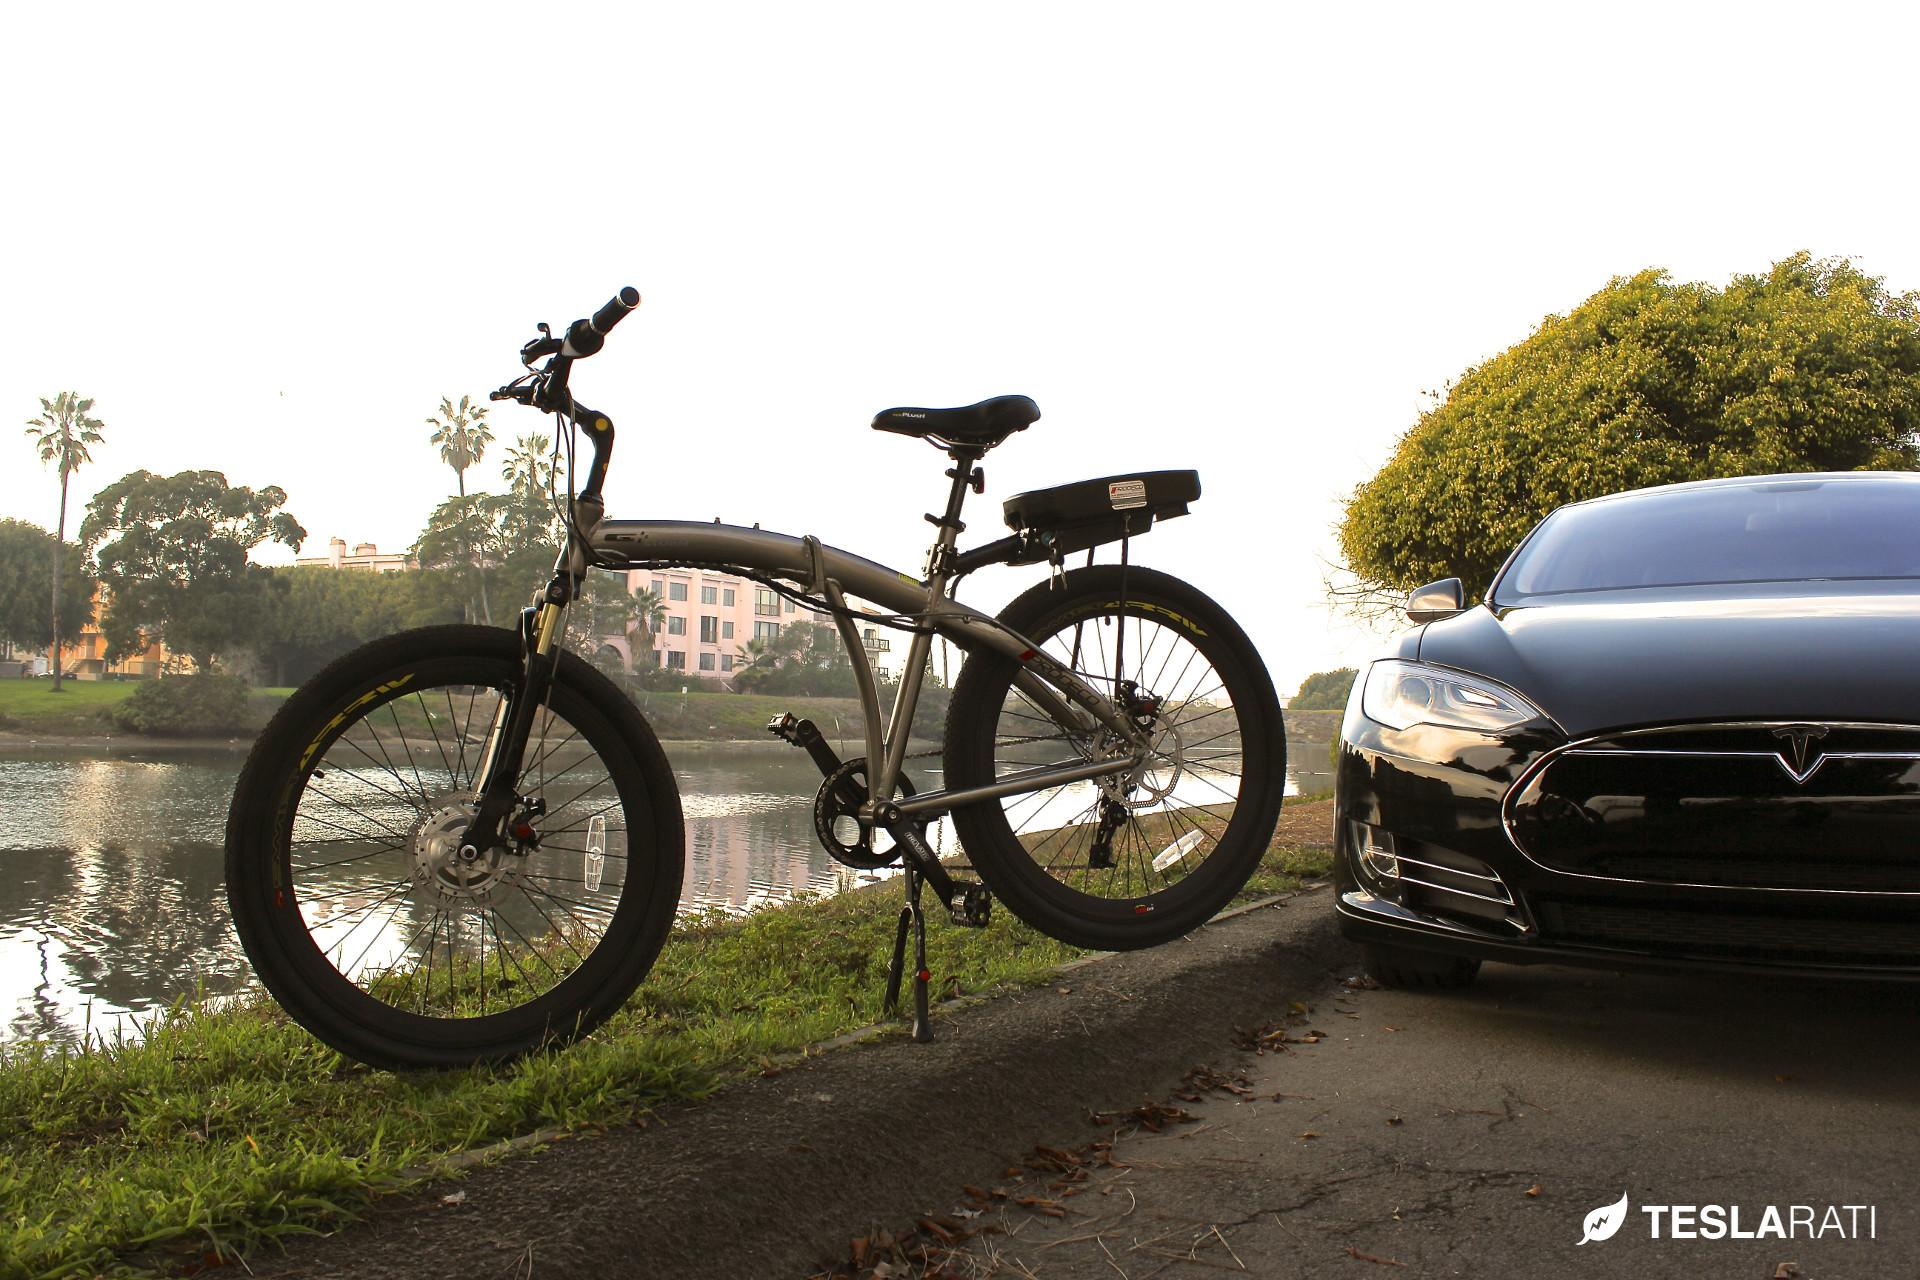 Full Size Folding Electric Bike In A Tesla Model S